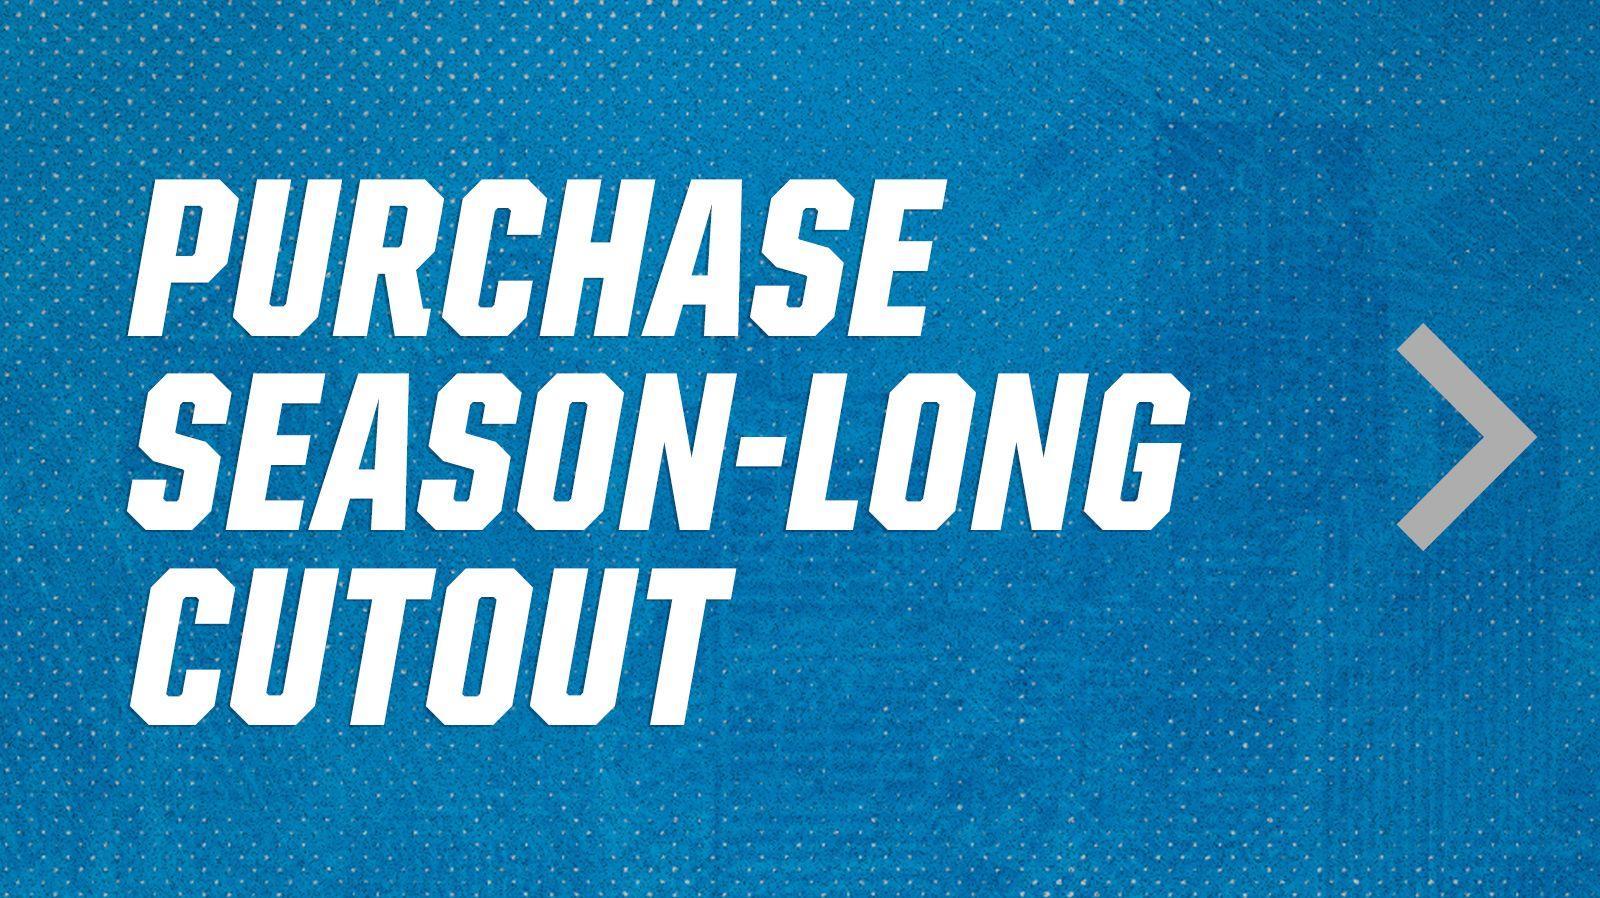 purchase-season-long